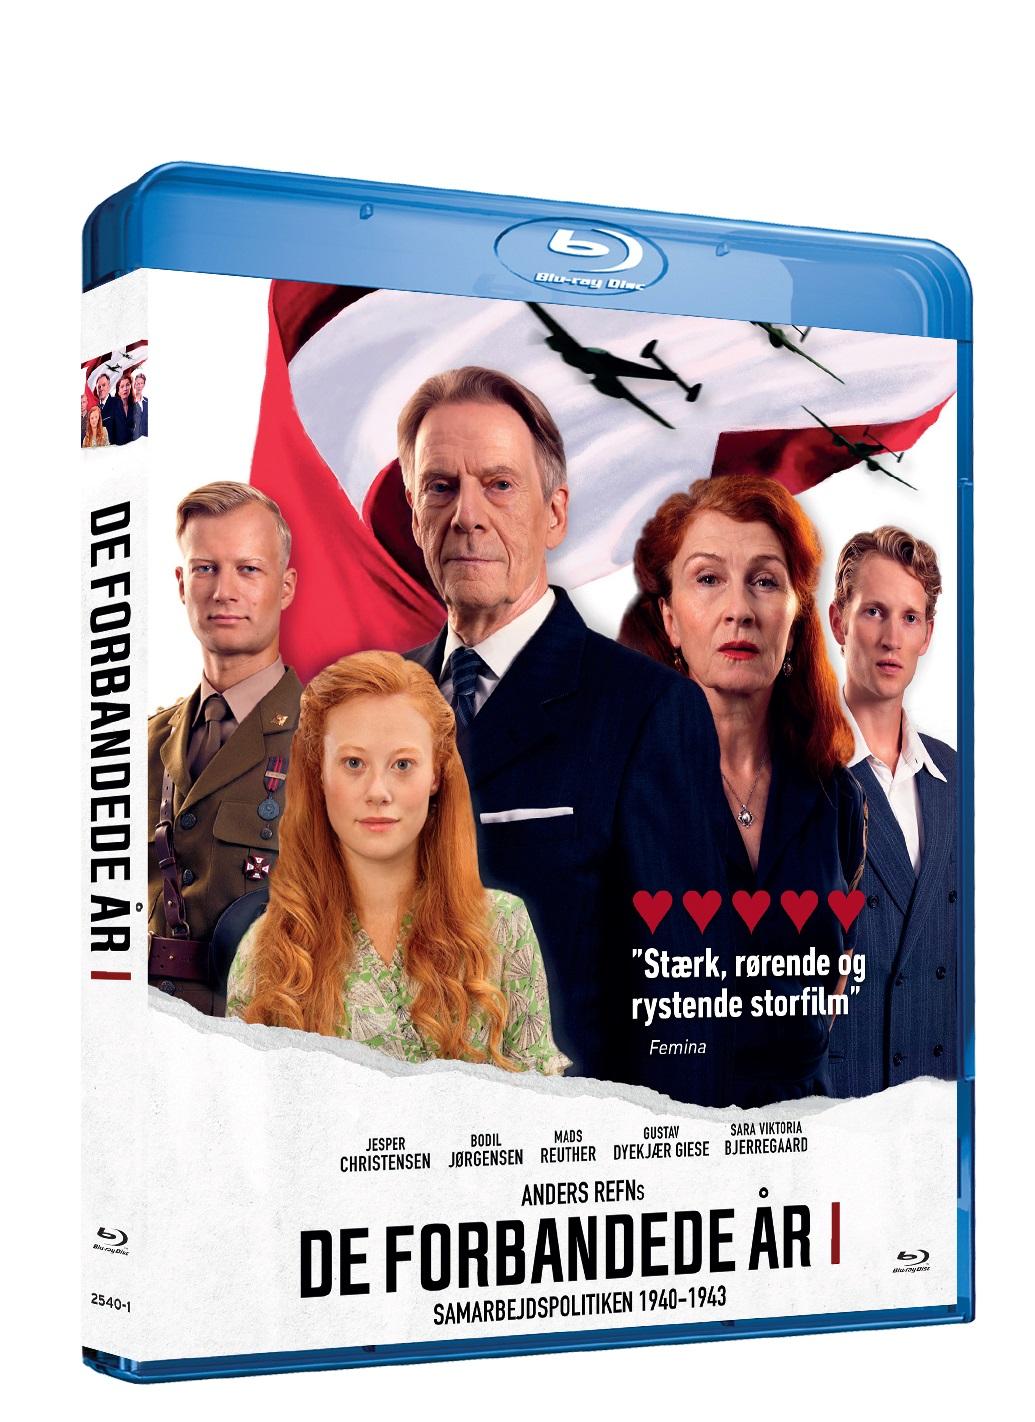 De Forbandede År -  - Film -  - 5706169003207 - 4/5-2020